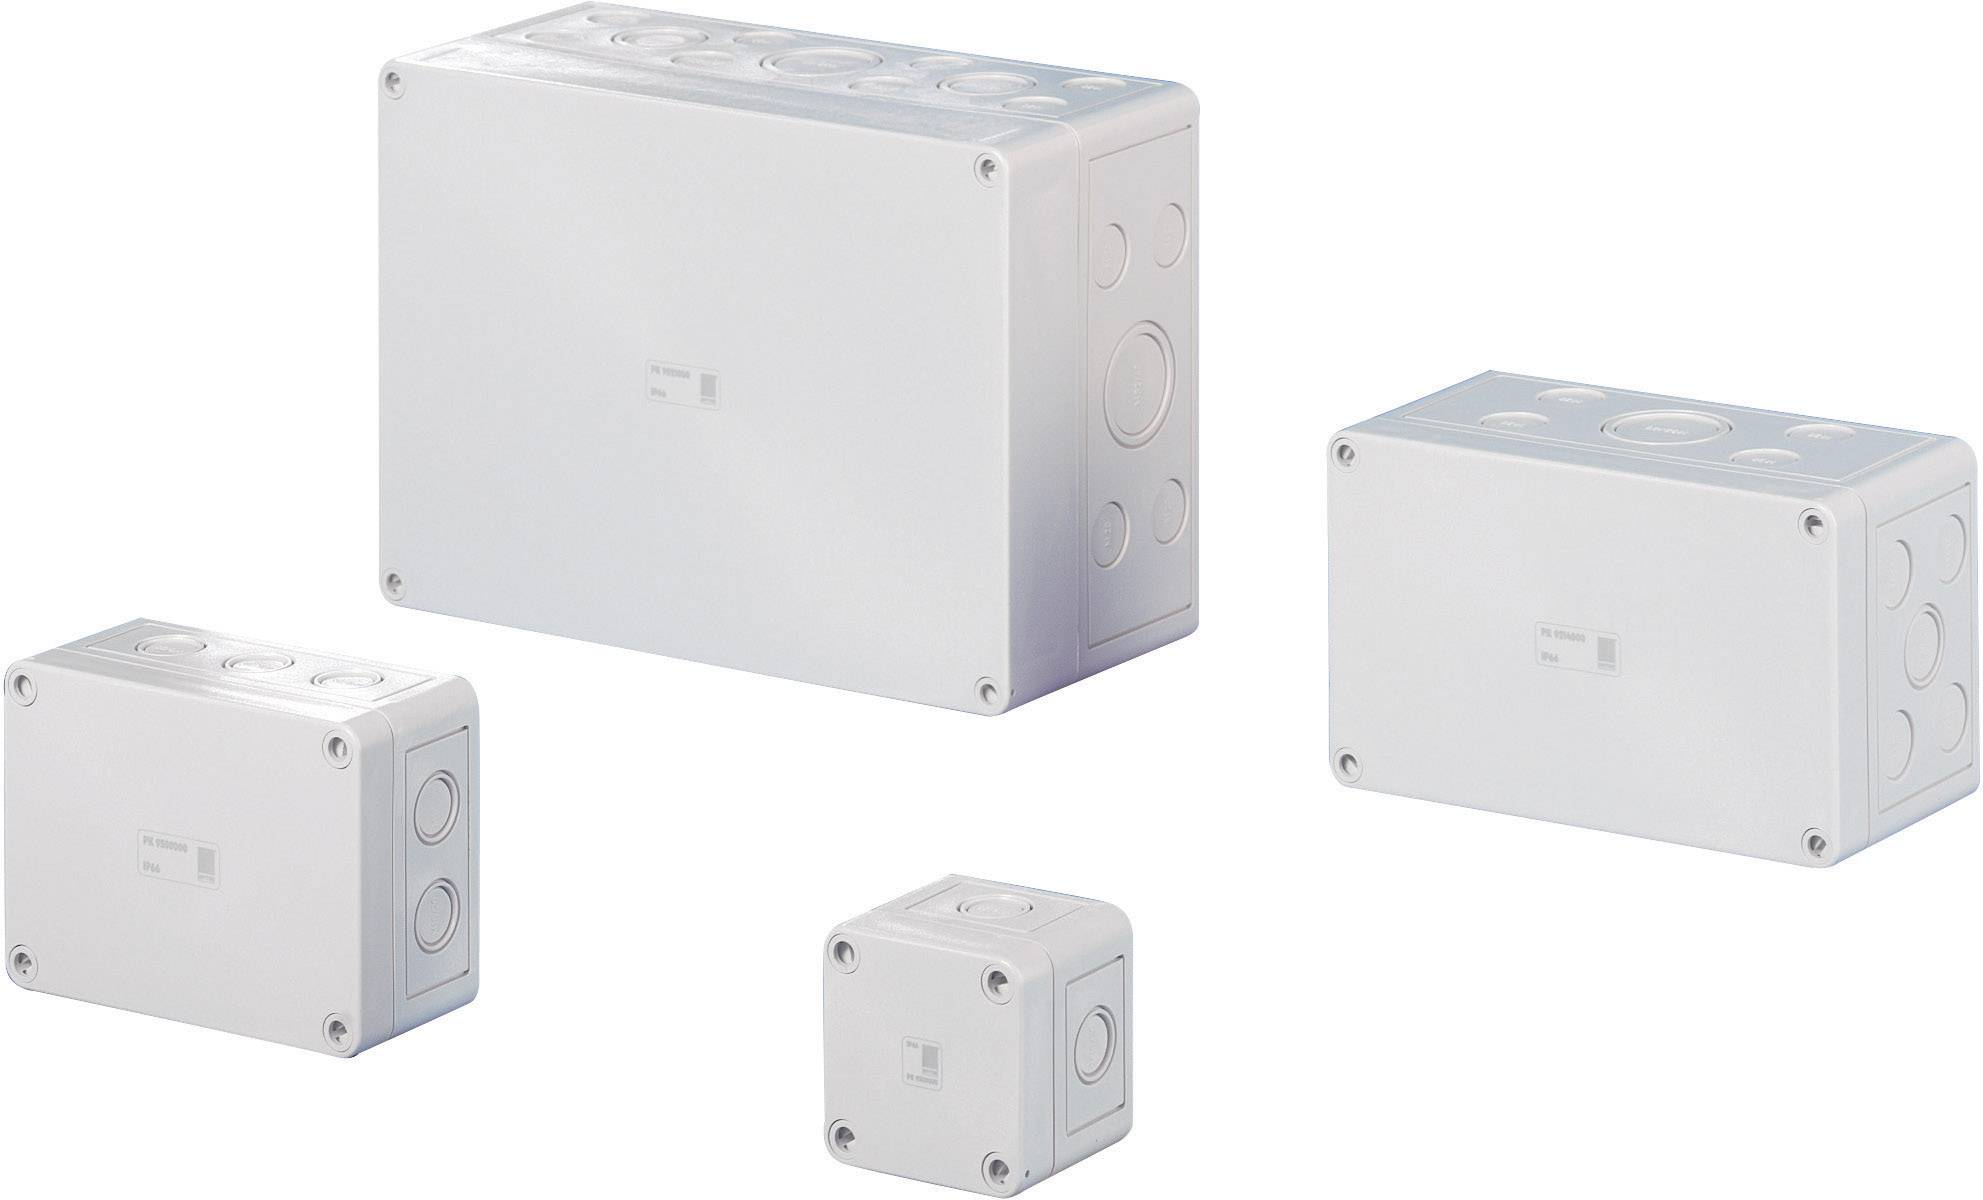 Inštalačná krabička Rittal PC 9508.050 9508.050, (š x v x h) 130 x 94 x 57 mm, polykarbonát, svetlosivá (RAL 7035), 1 ks